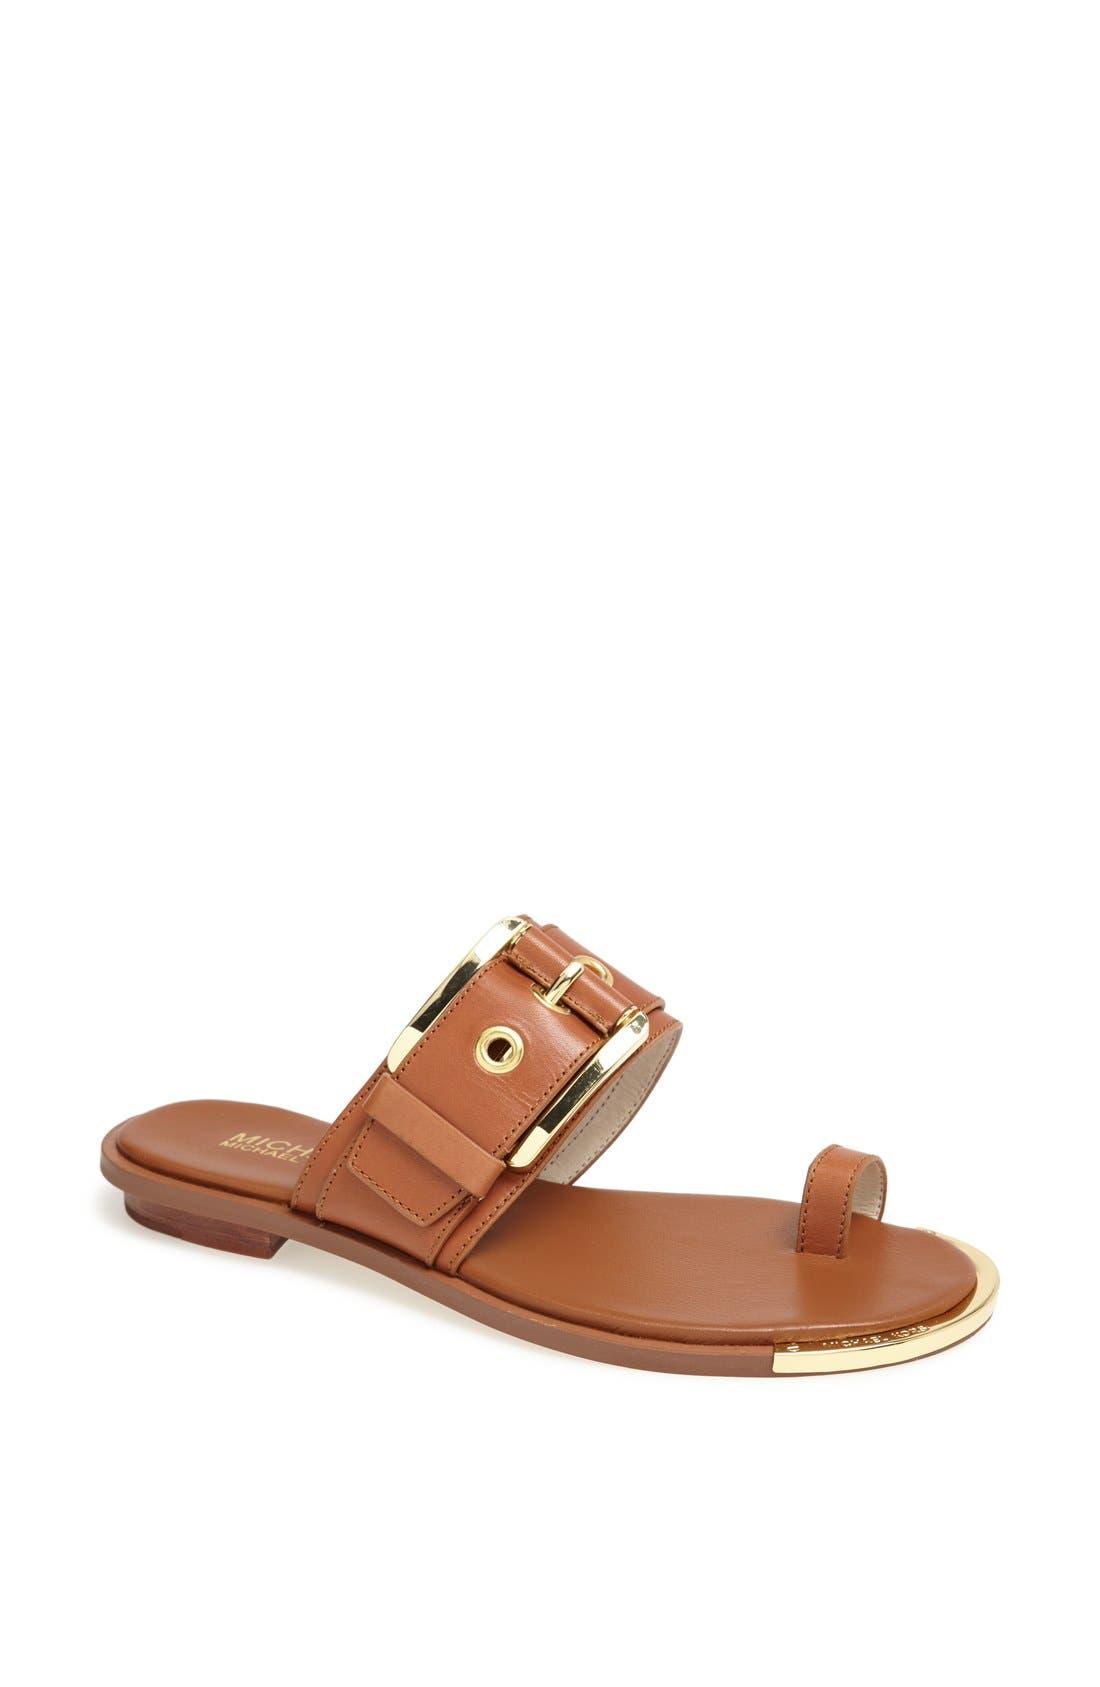 Main Image - MICHAEL Michael Kors 'Calder' Toe Loop Sandal